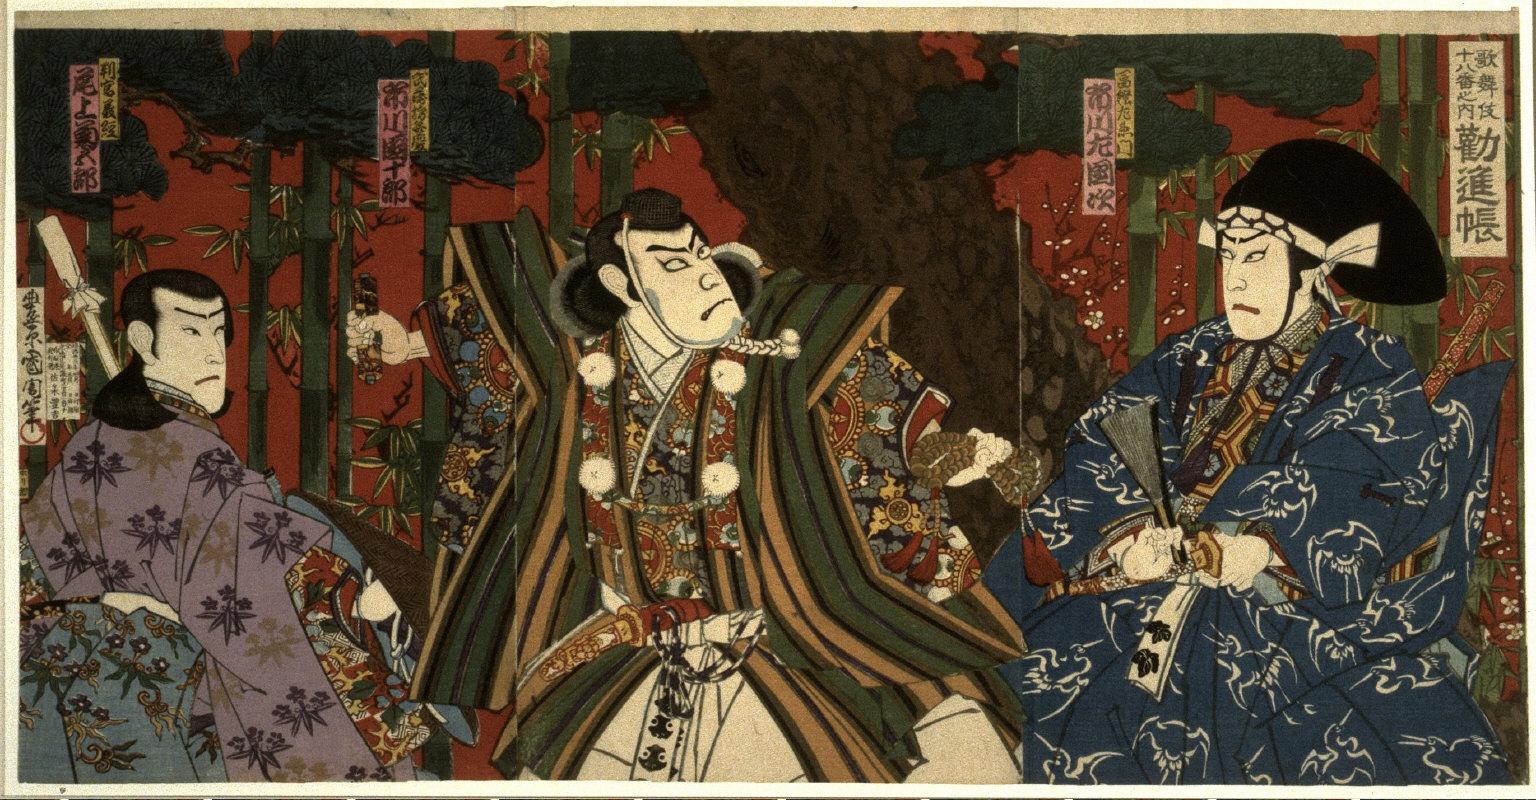 Onoe Kikugaro V as Yoshitune, Ichikawa Danjuro IX as Benkei and Ichikawa Sadanji as Togakushi Soemon